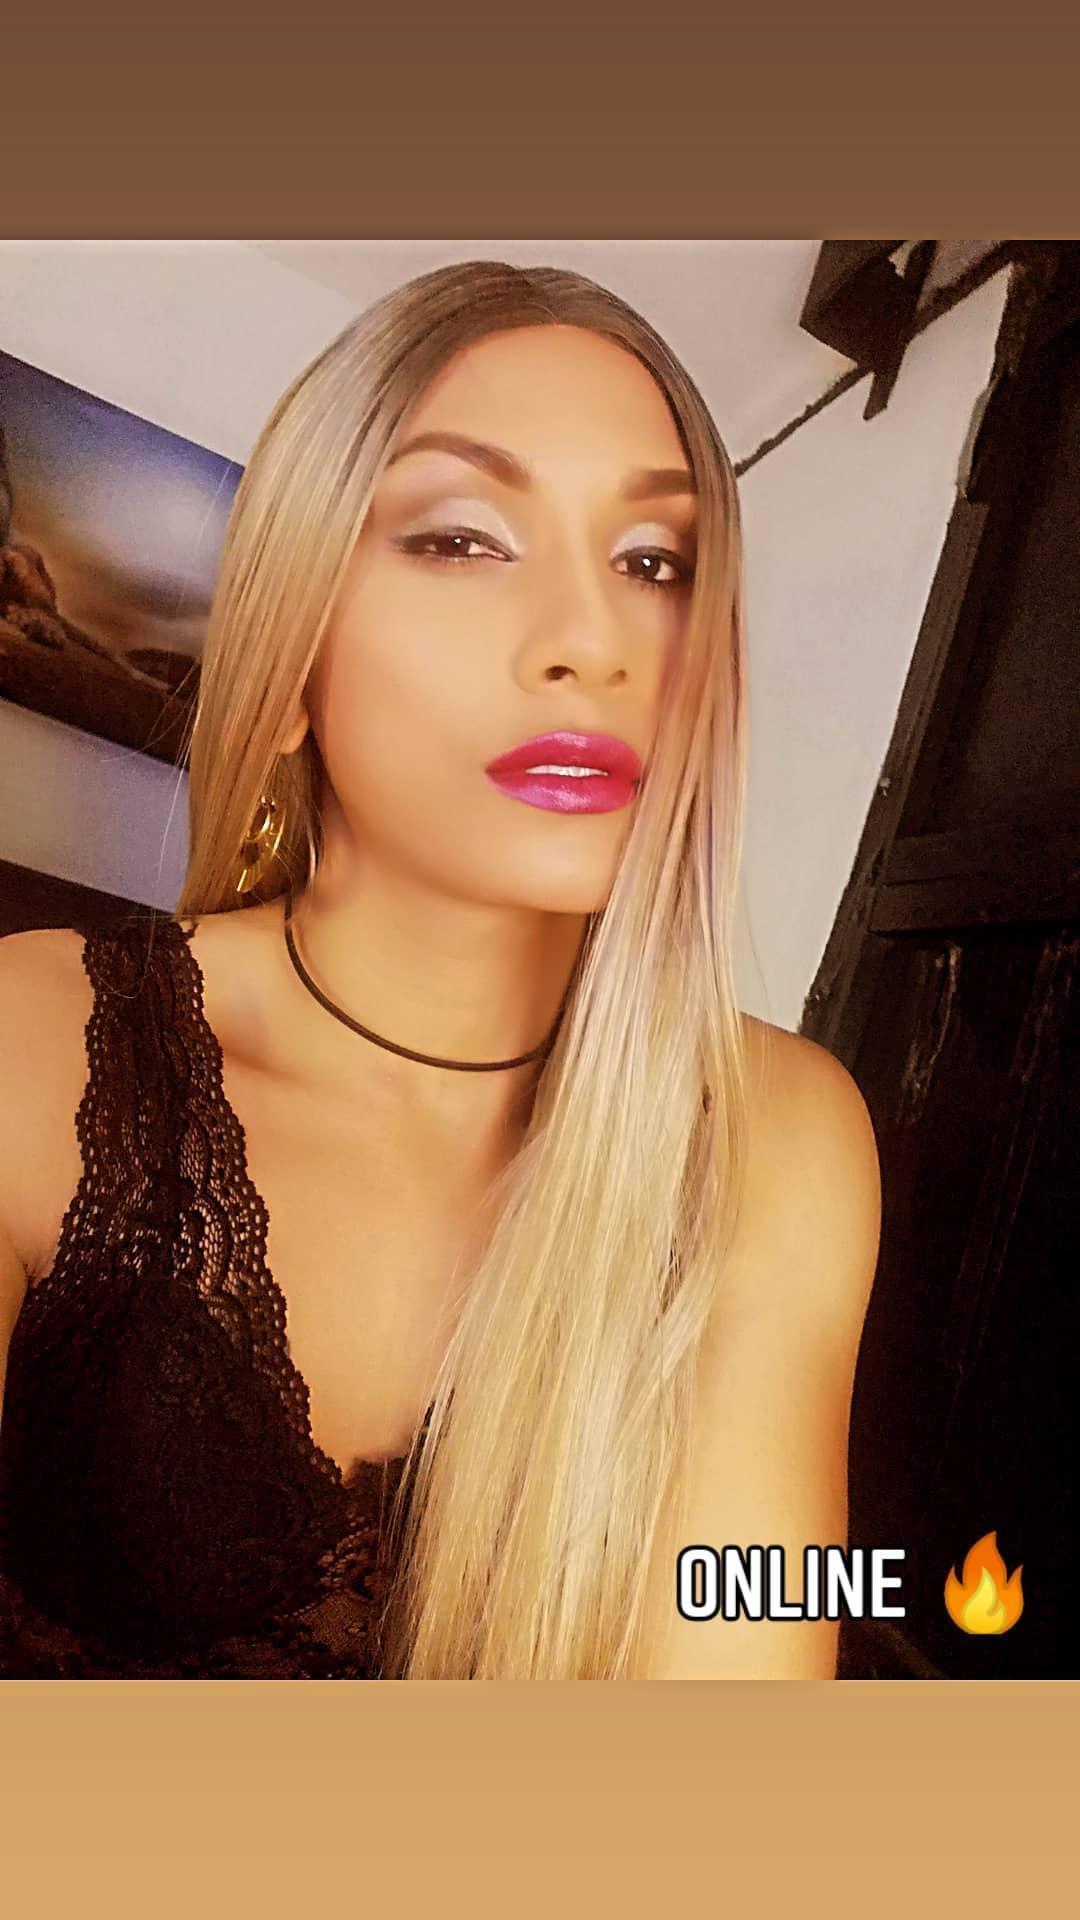 Xsophia_dukeX live cam on Cam4.com